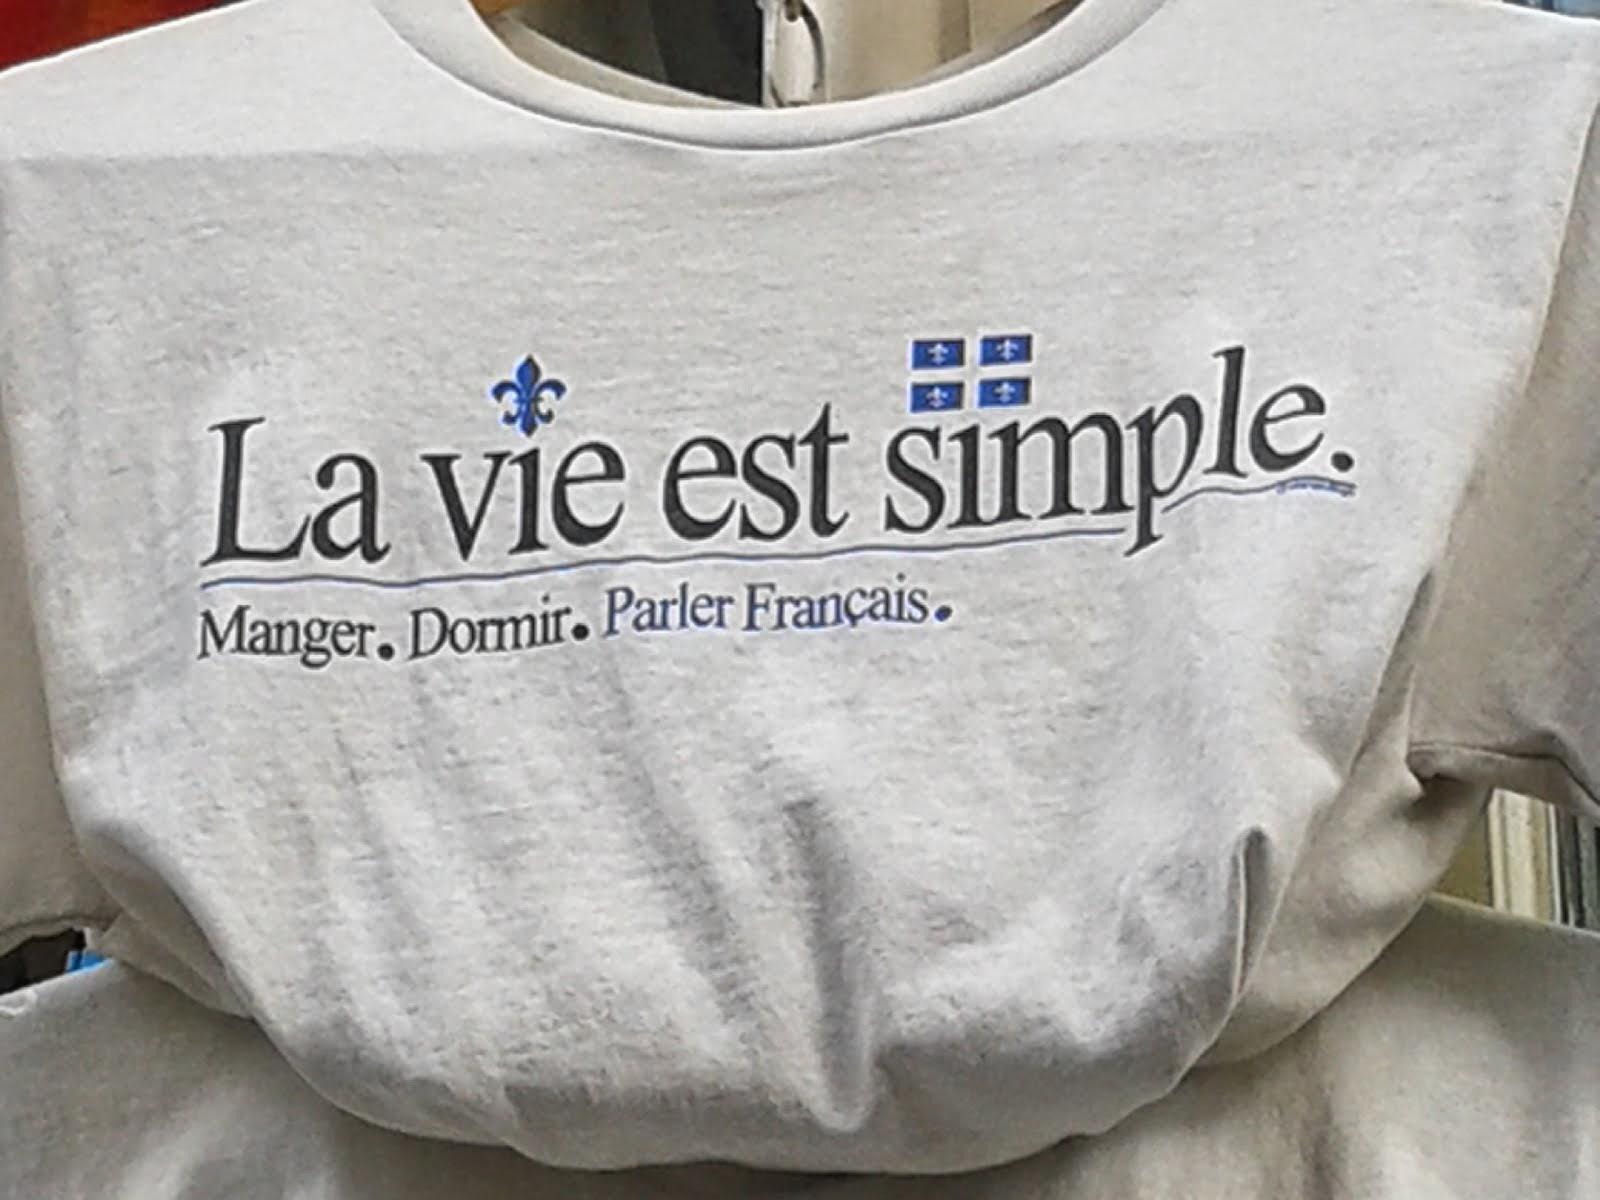 La vie est simple...Parlez Francais